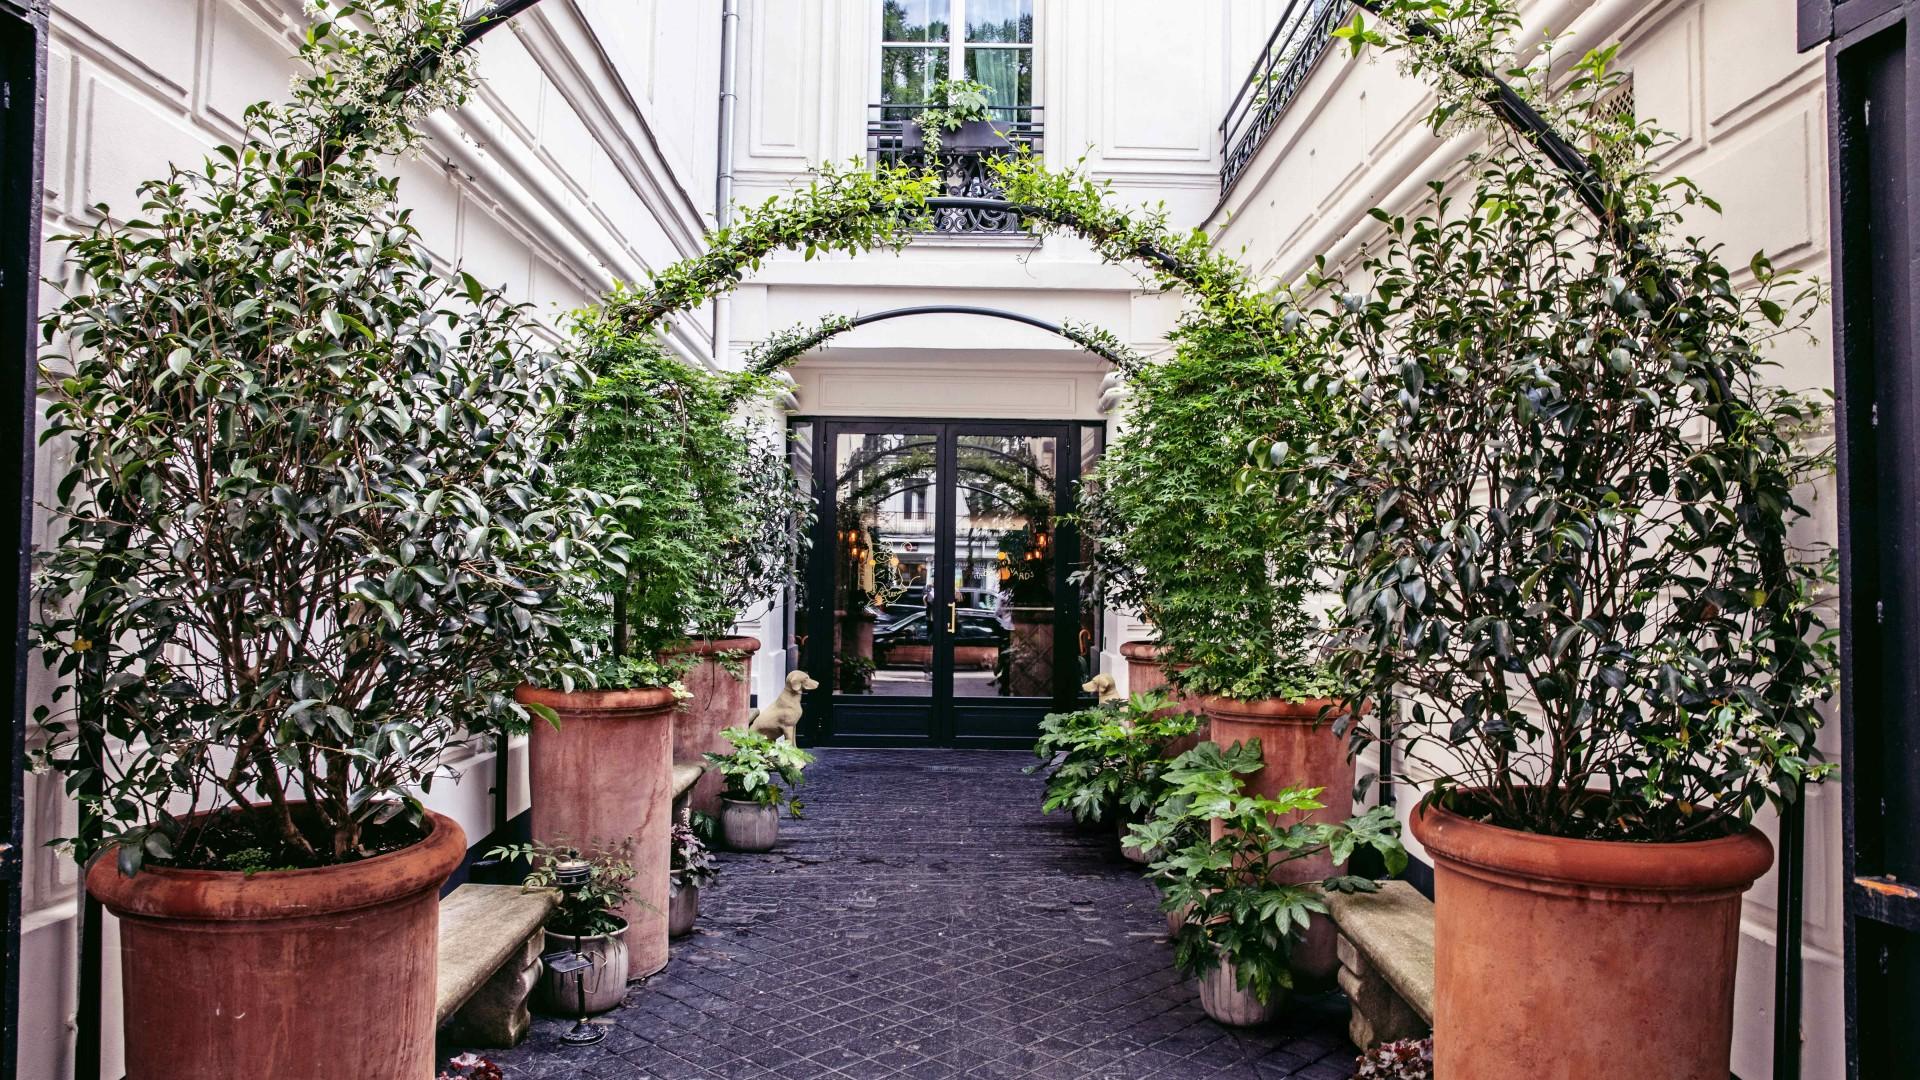 Sentier, Paris: The entrance at Hotels Des Grands Boulevards